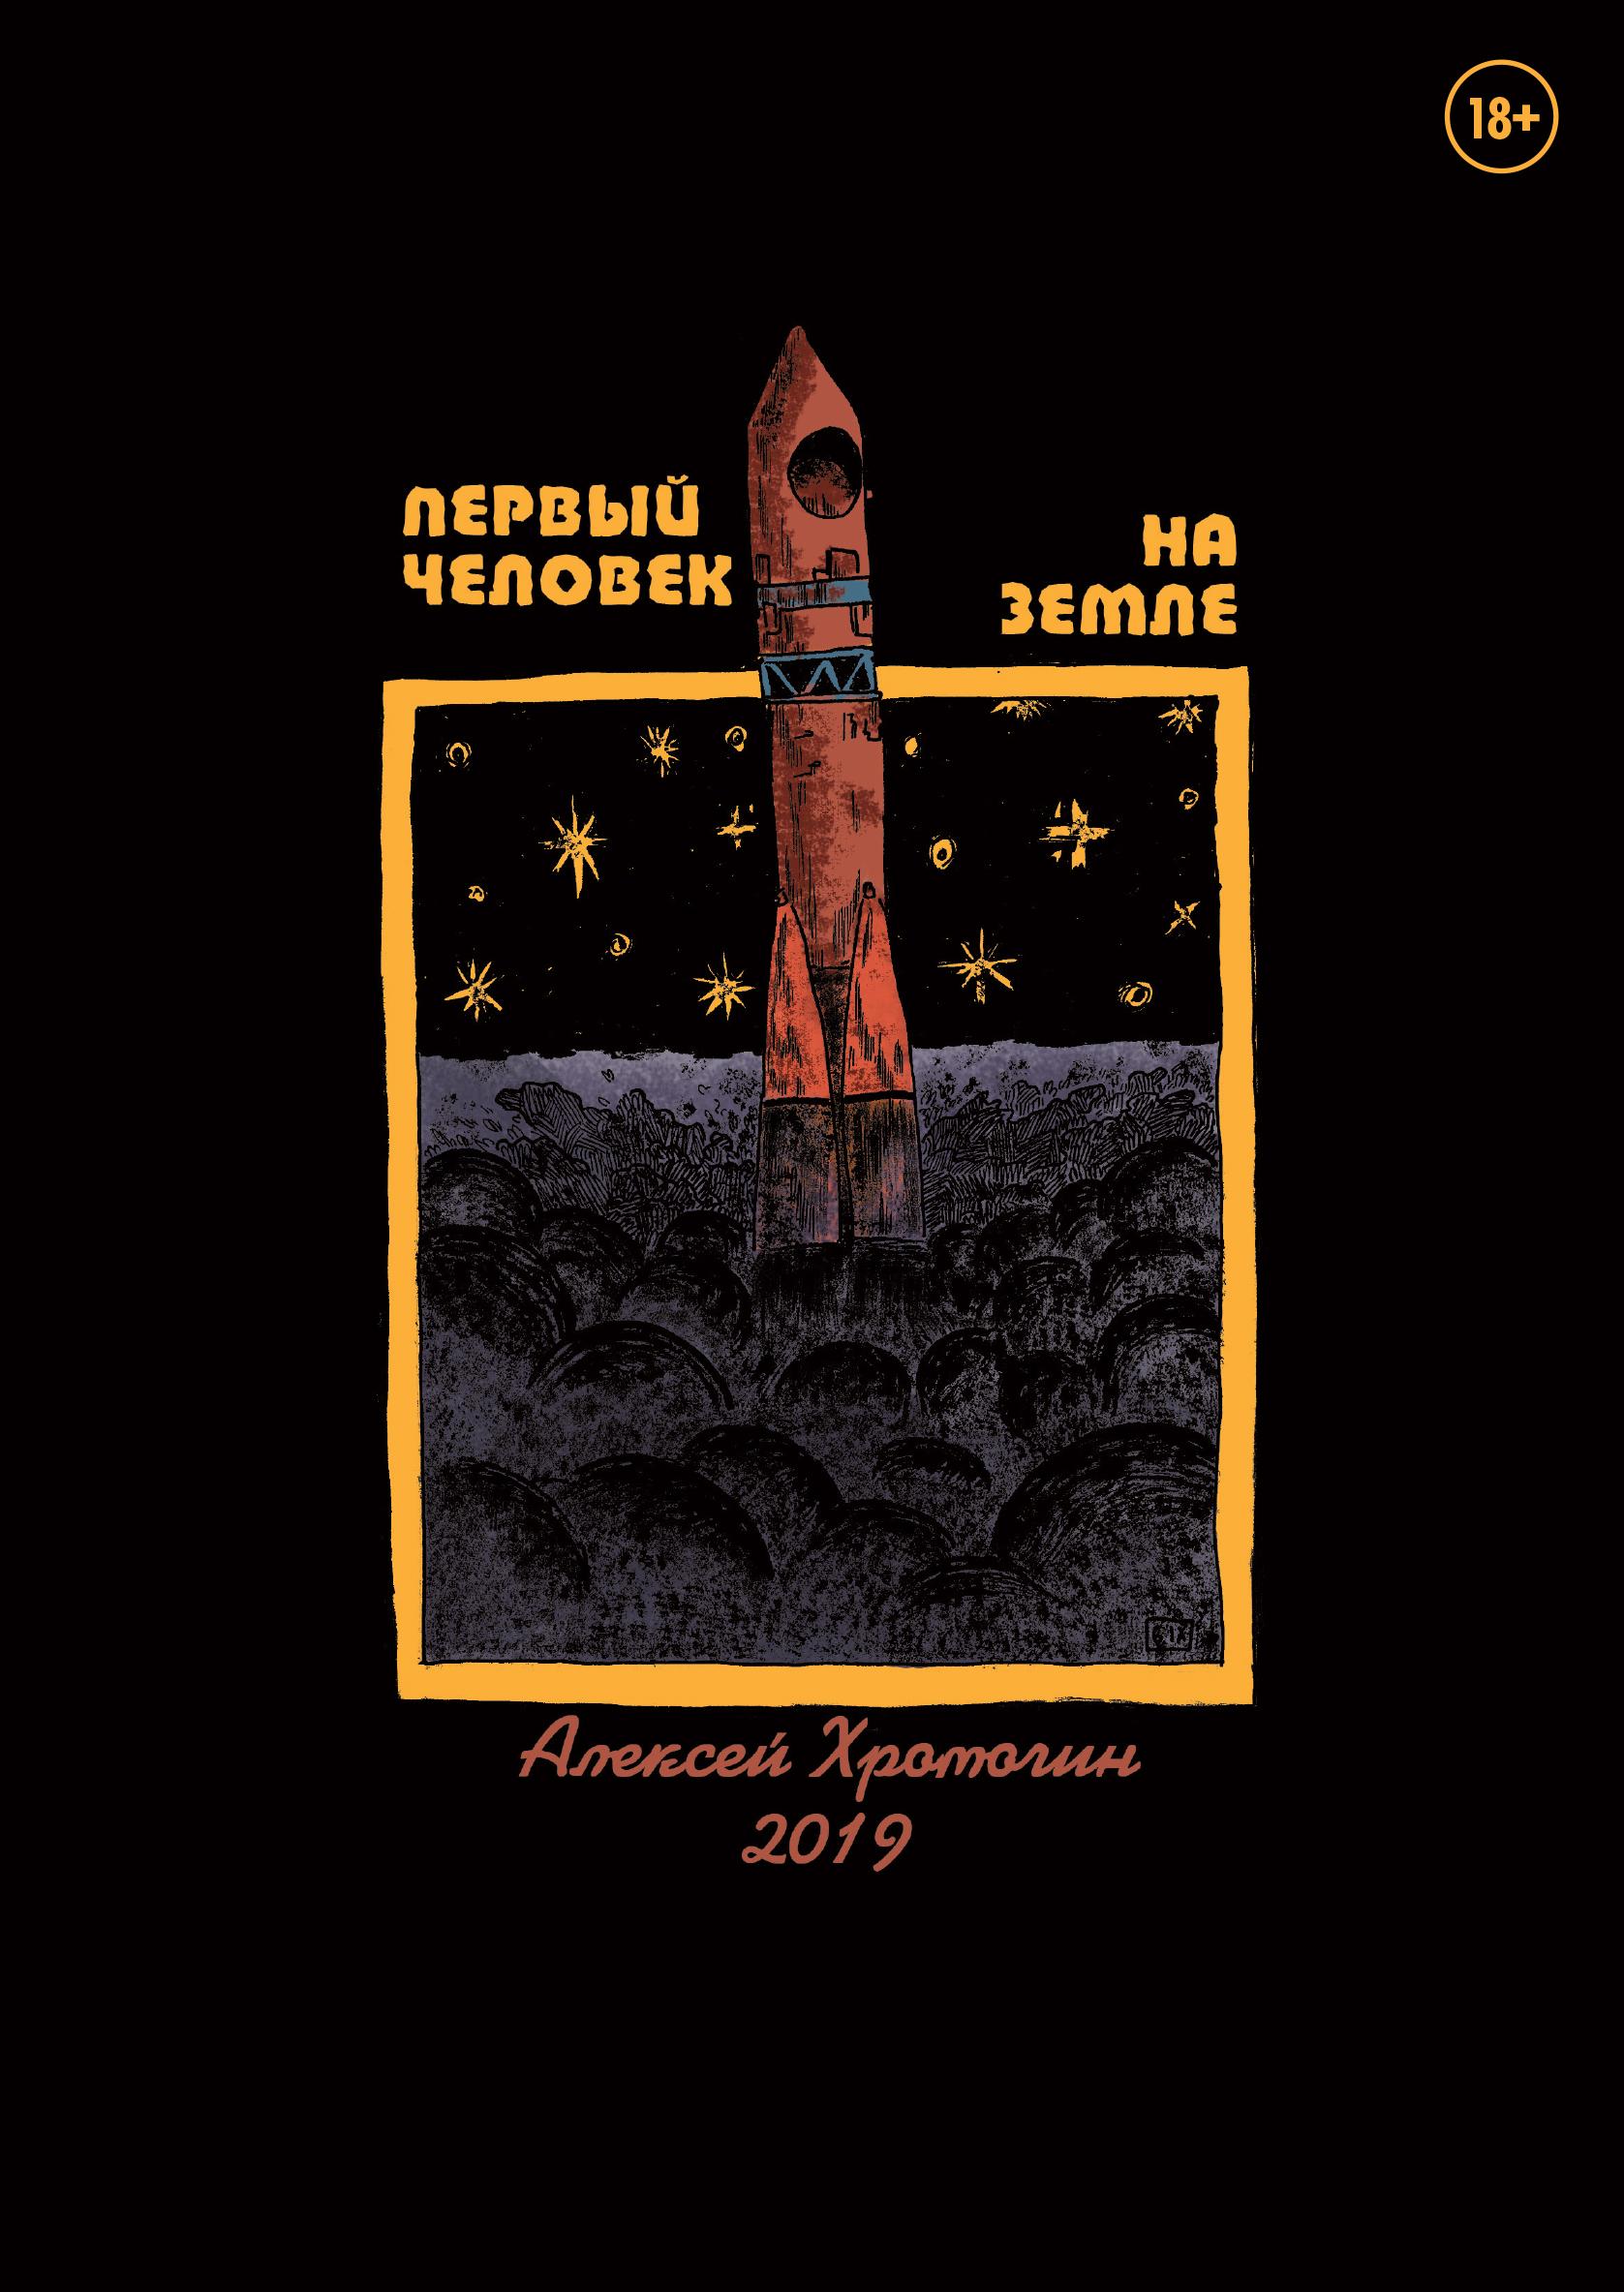 Алексей Хромогин Первый человек на земле